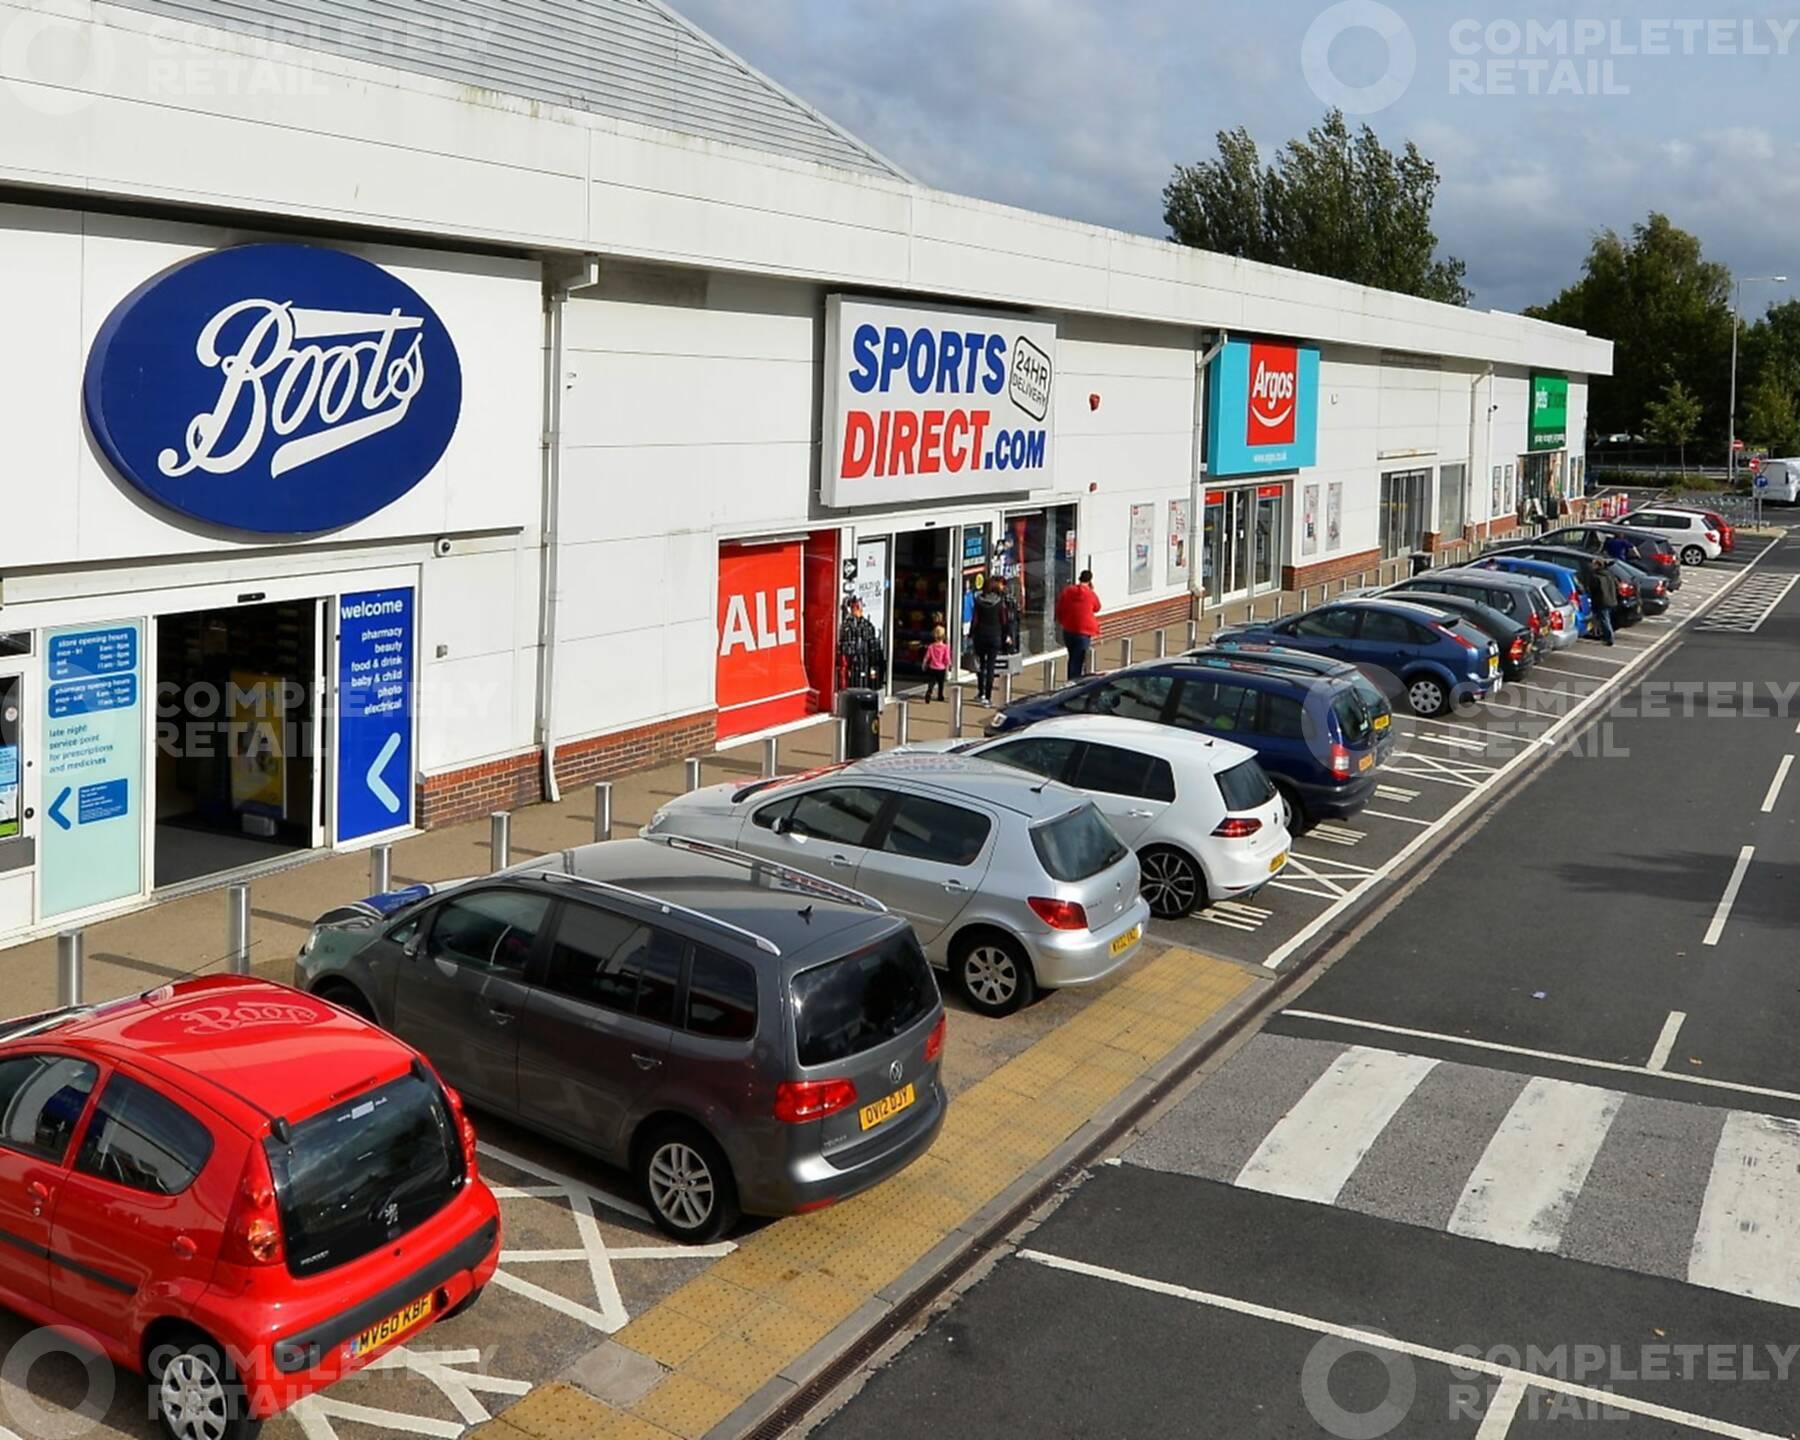 Beacon Retail Park